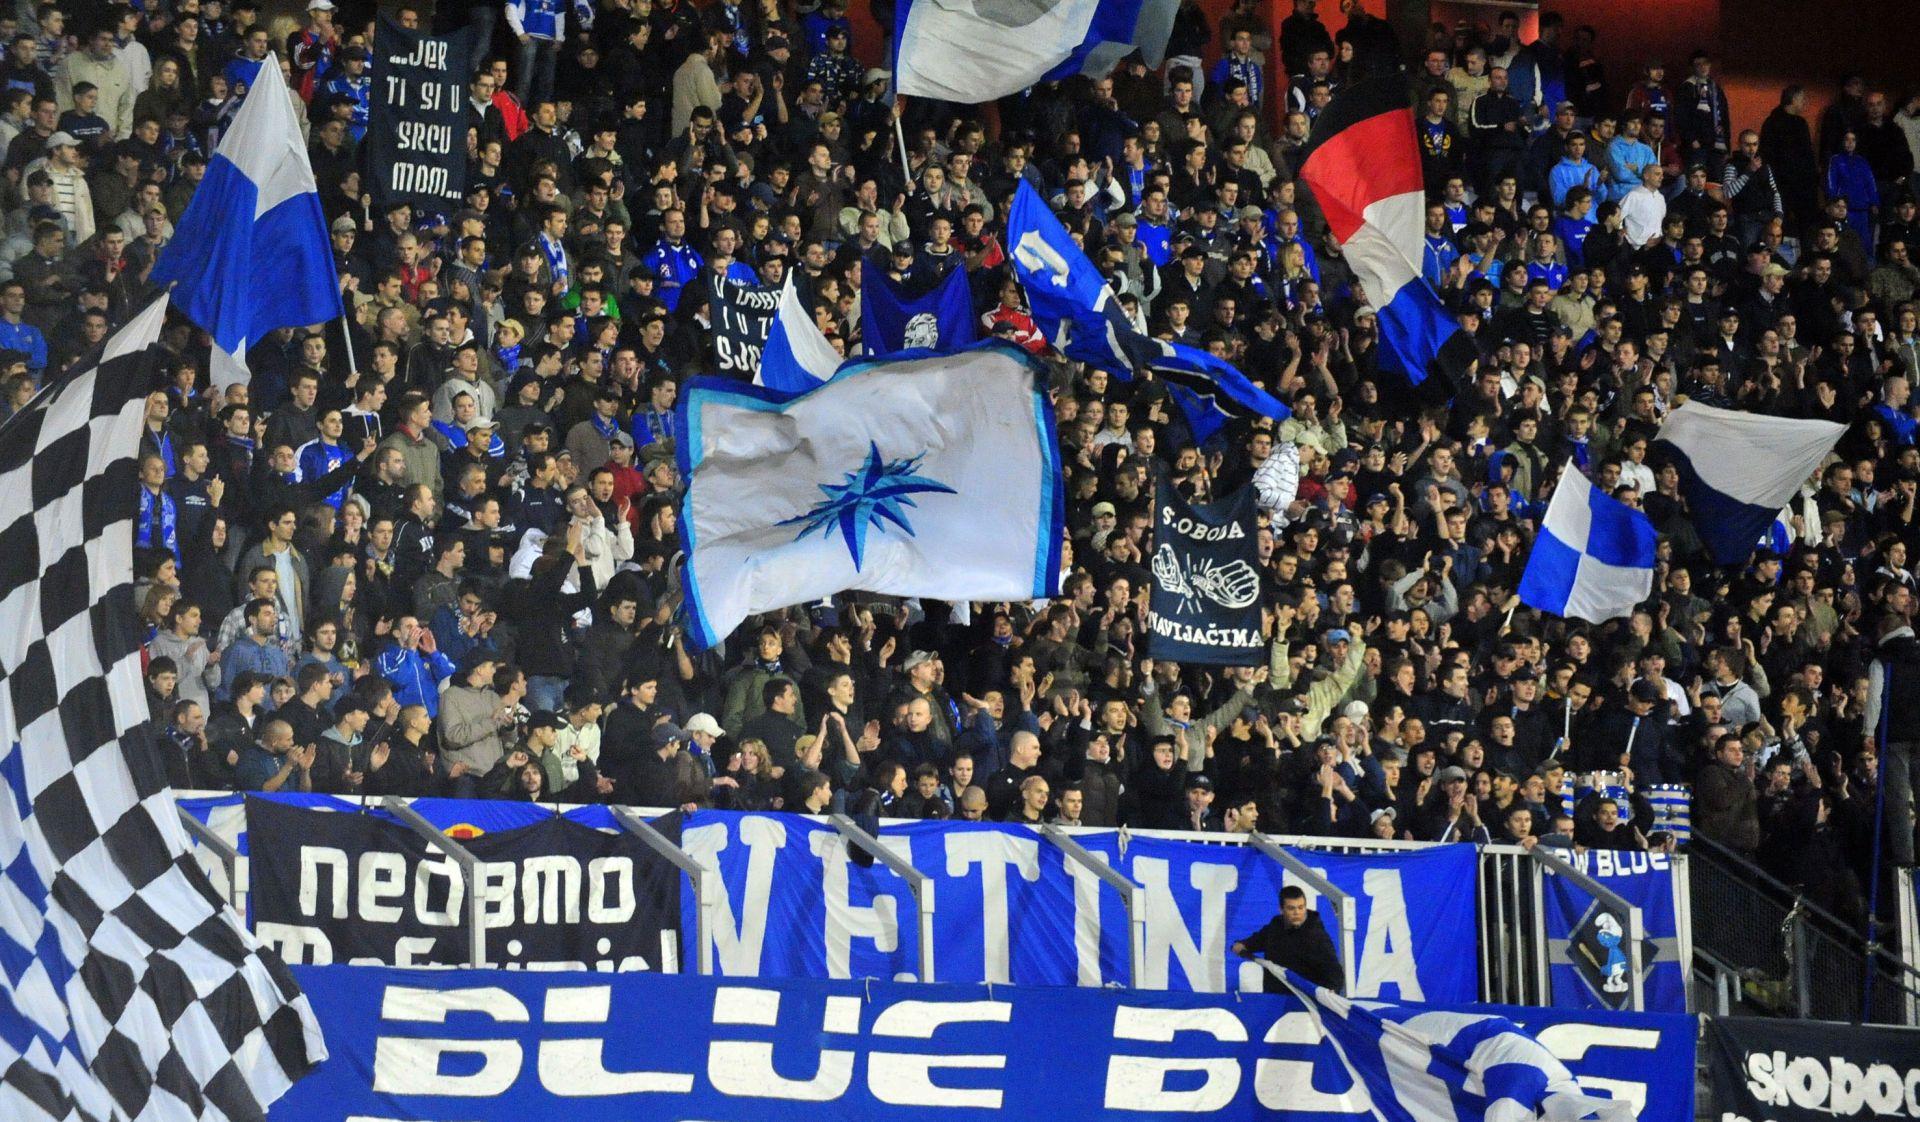 NAKON DUGIH ŠEST GODINA Bad Blue Boysi prekidaju bojkot i vraćaju se na maksimirski sjever!